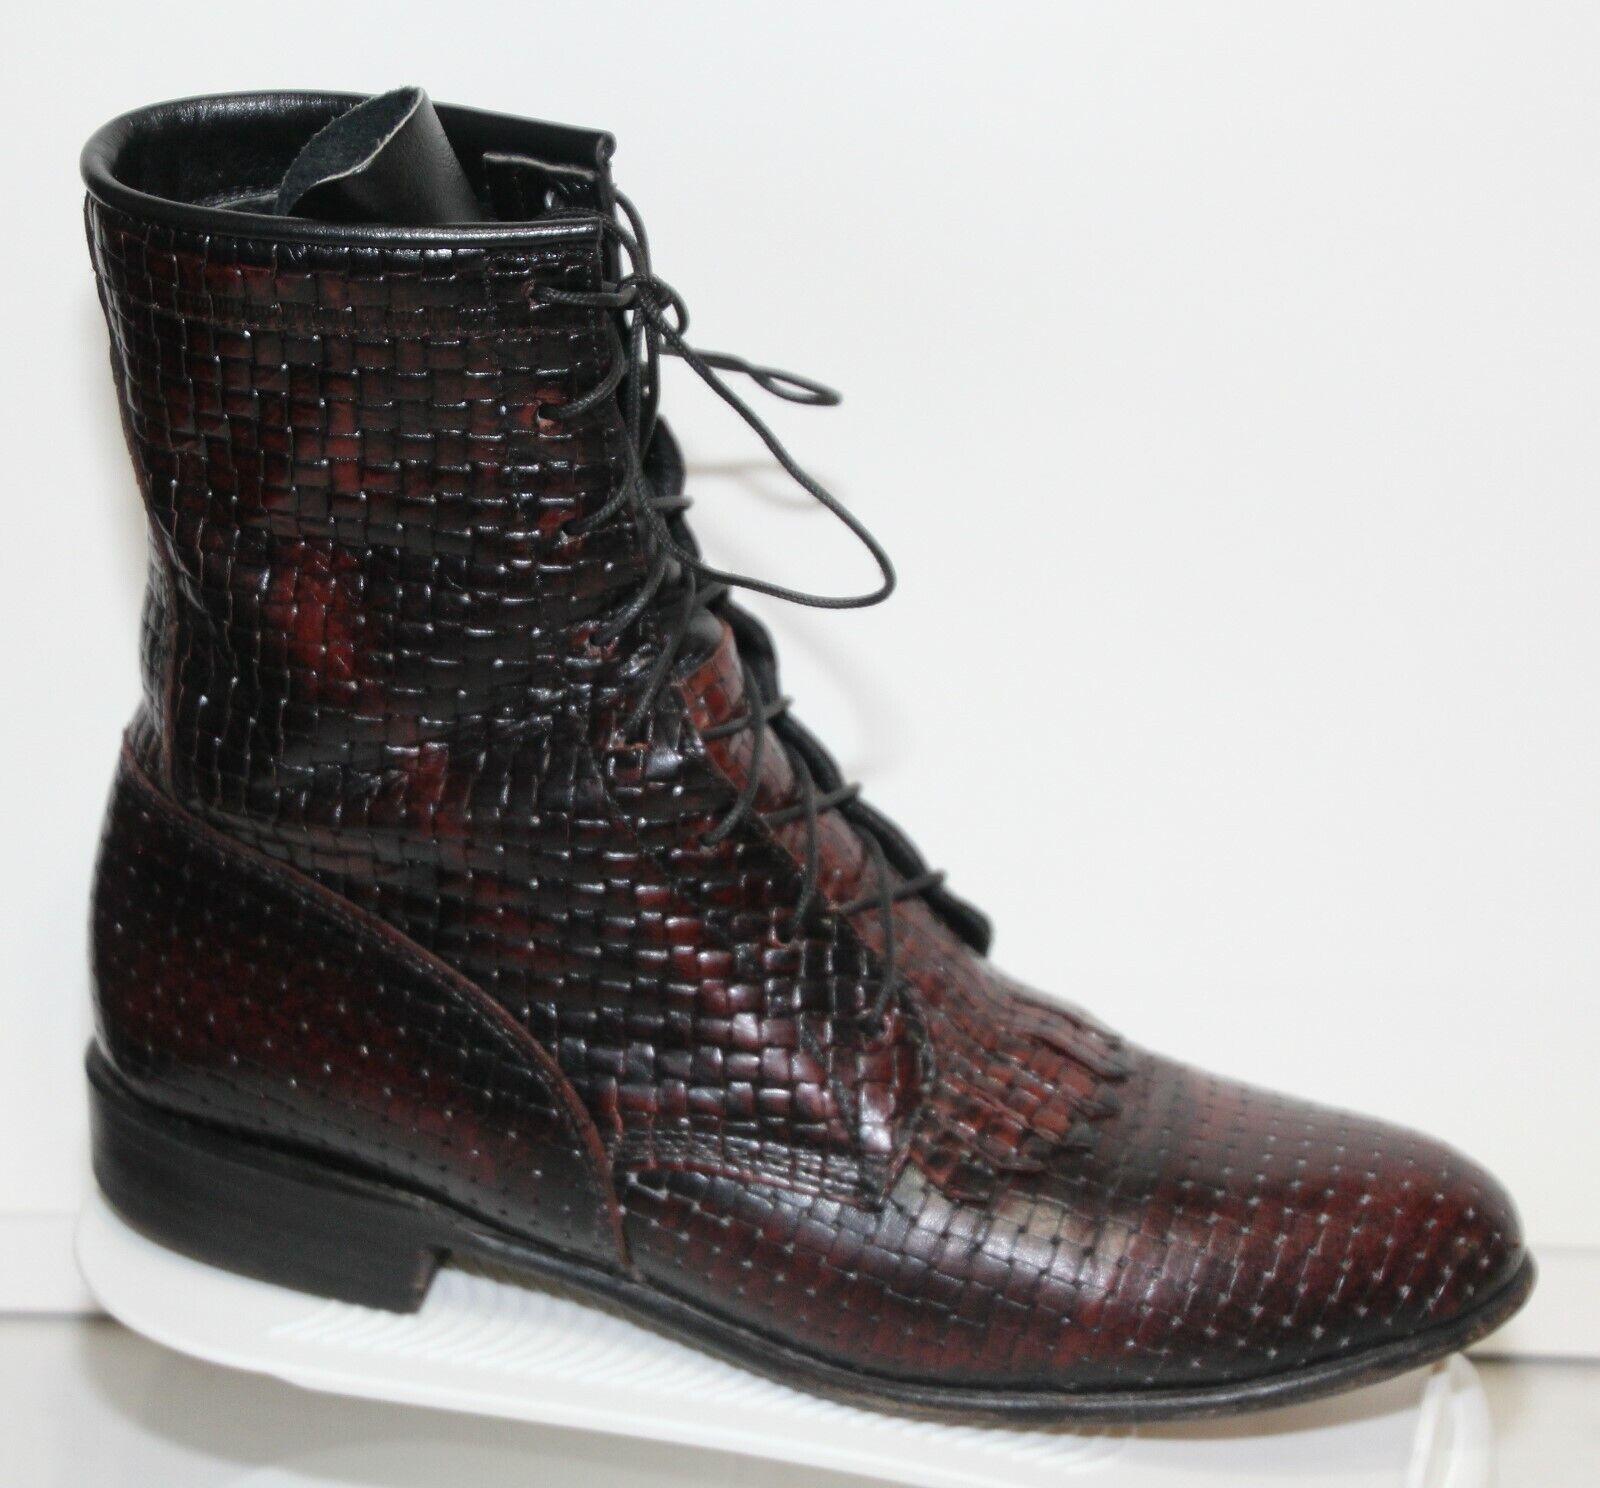 JUSTIN L 509 Dark Cherry Woven Leather Kiltie Roper  Womens Boots  sz 6.5B